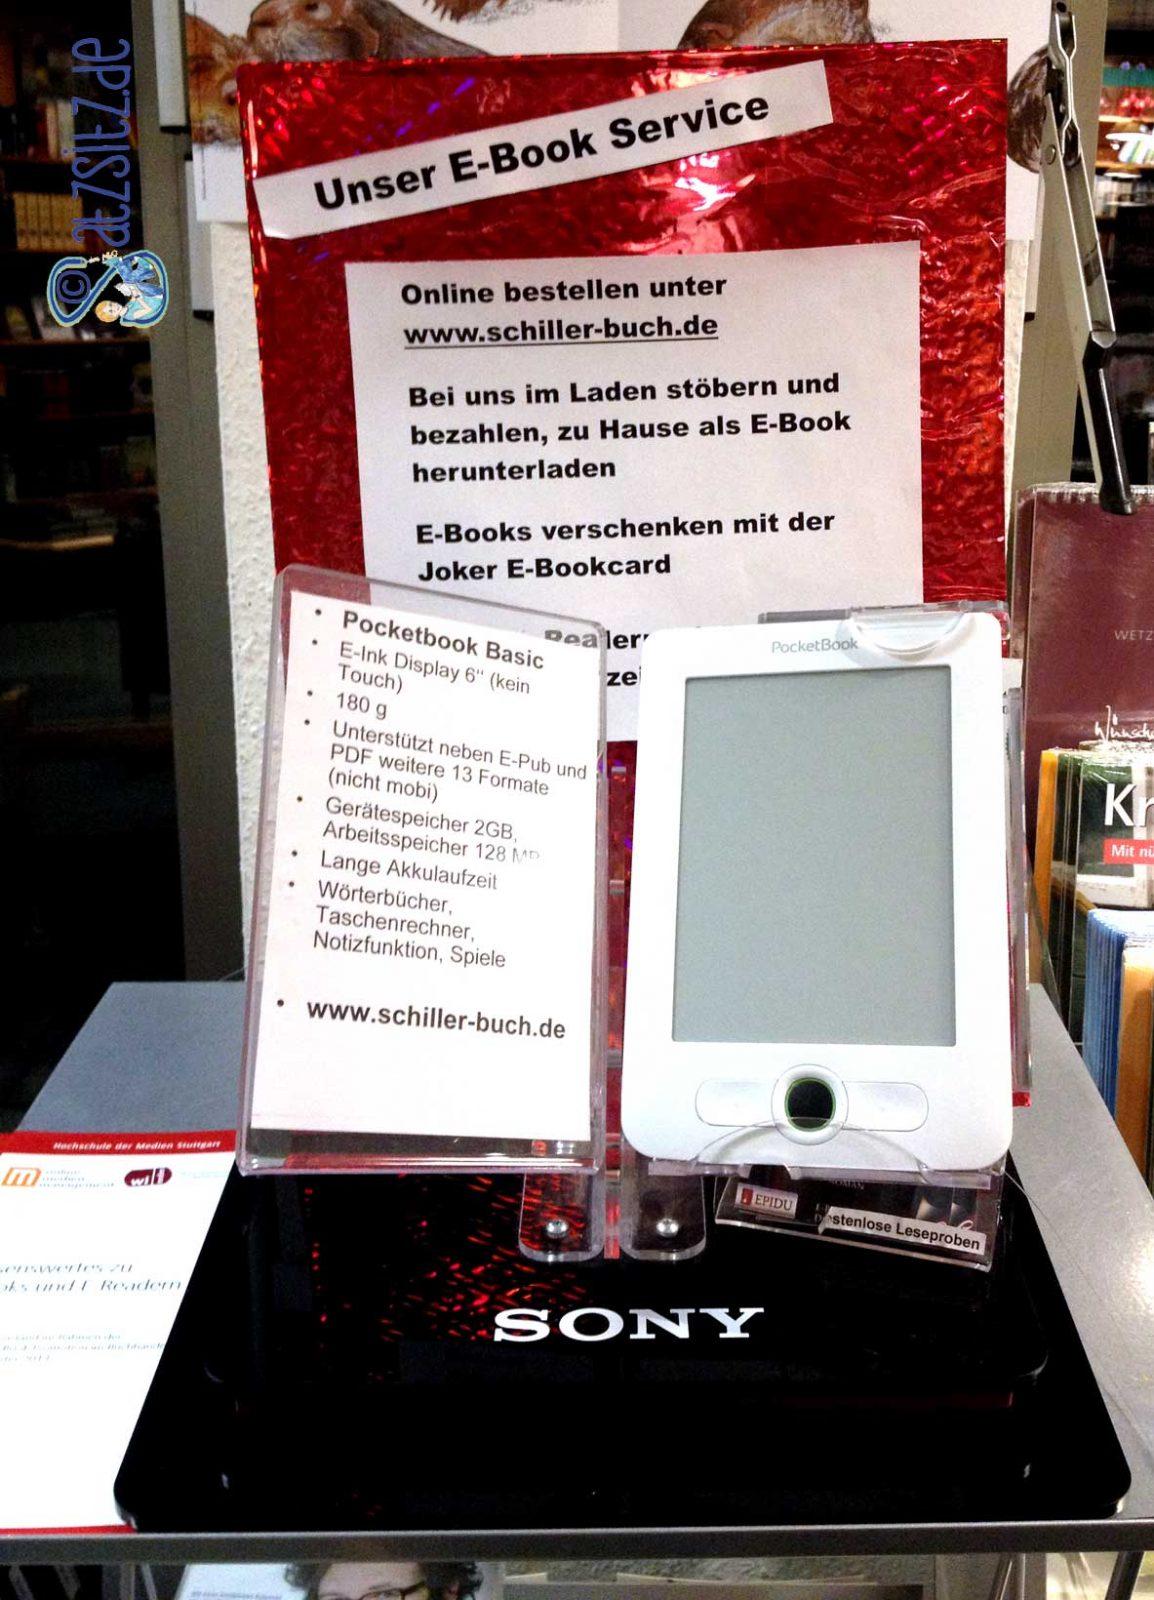 Dekorierter E-Book Verkaufsstand in der Schiller Buchhandlung Vaihingen